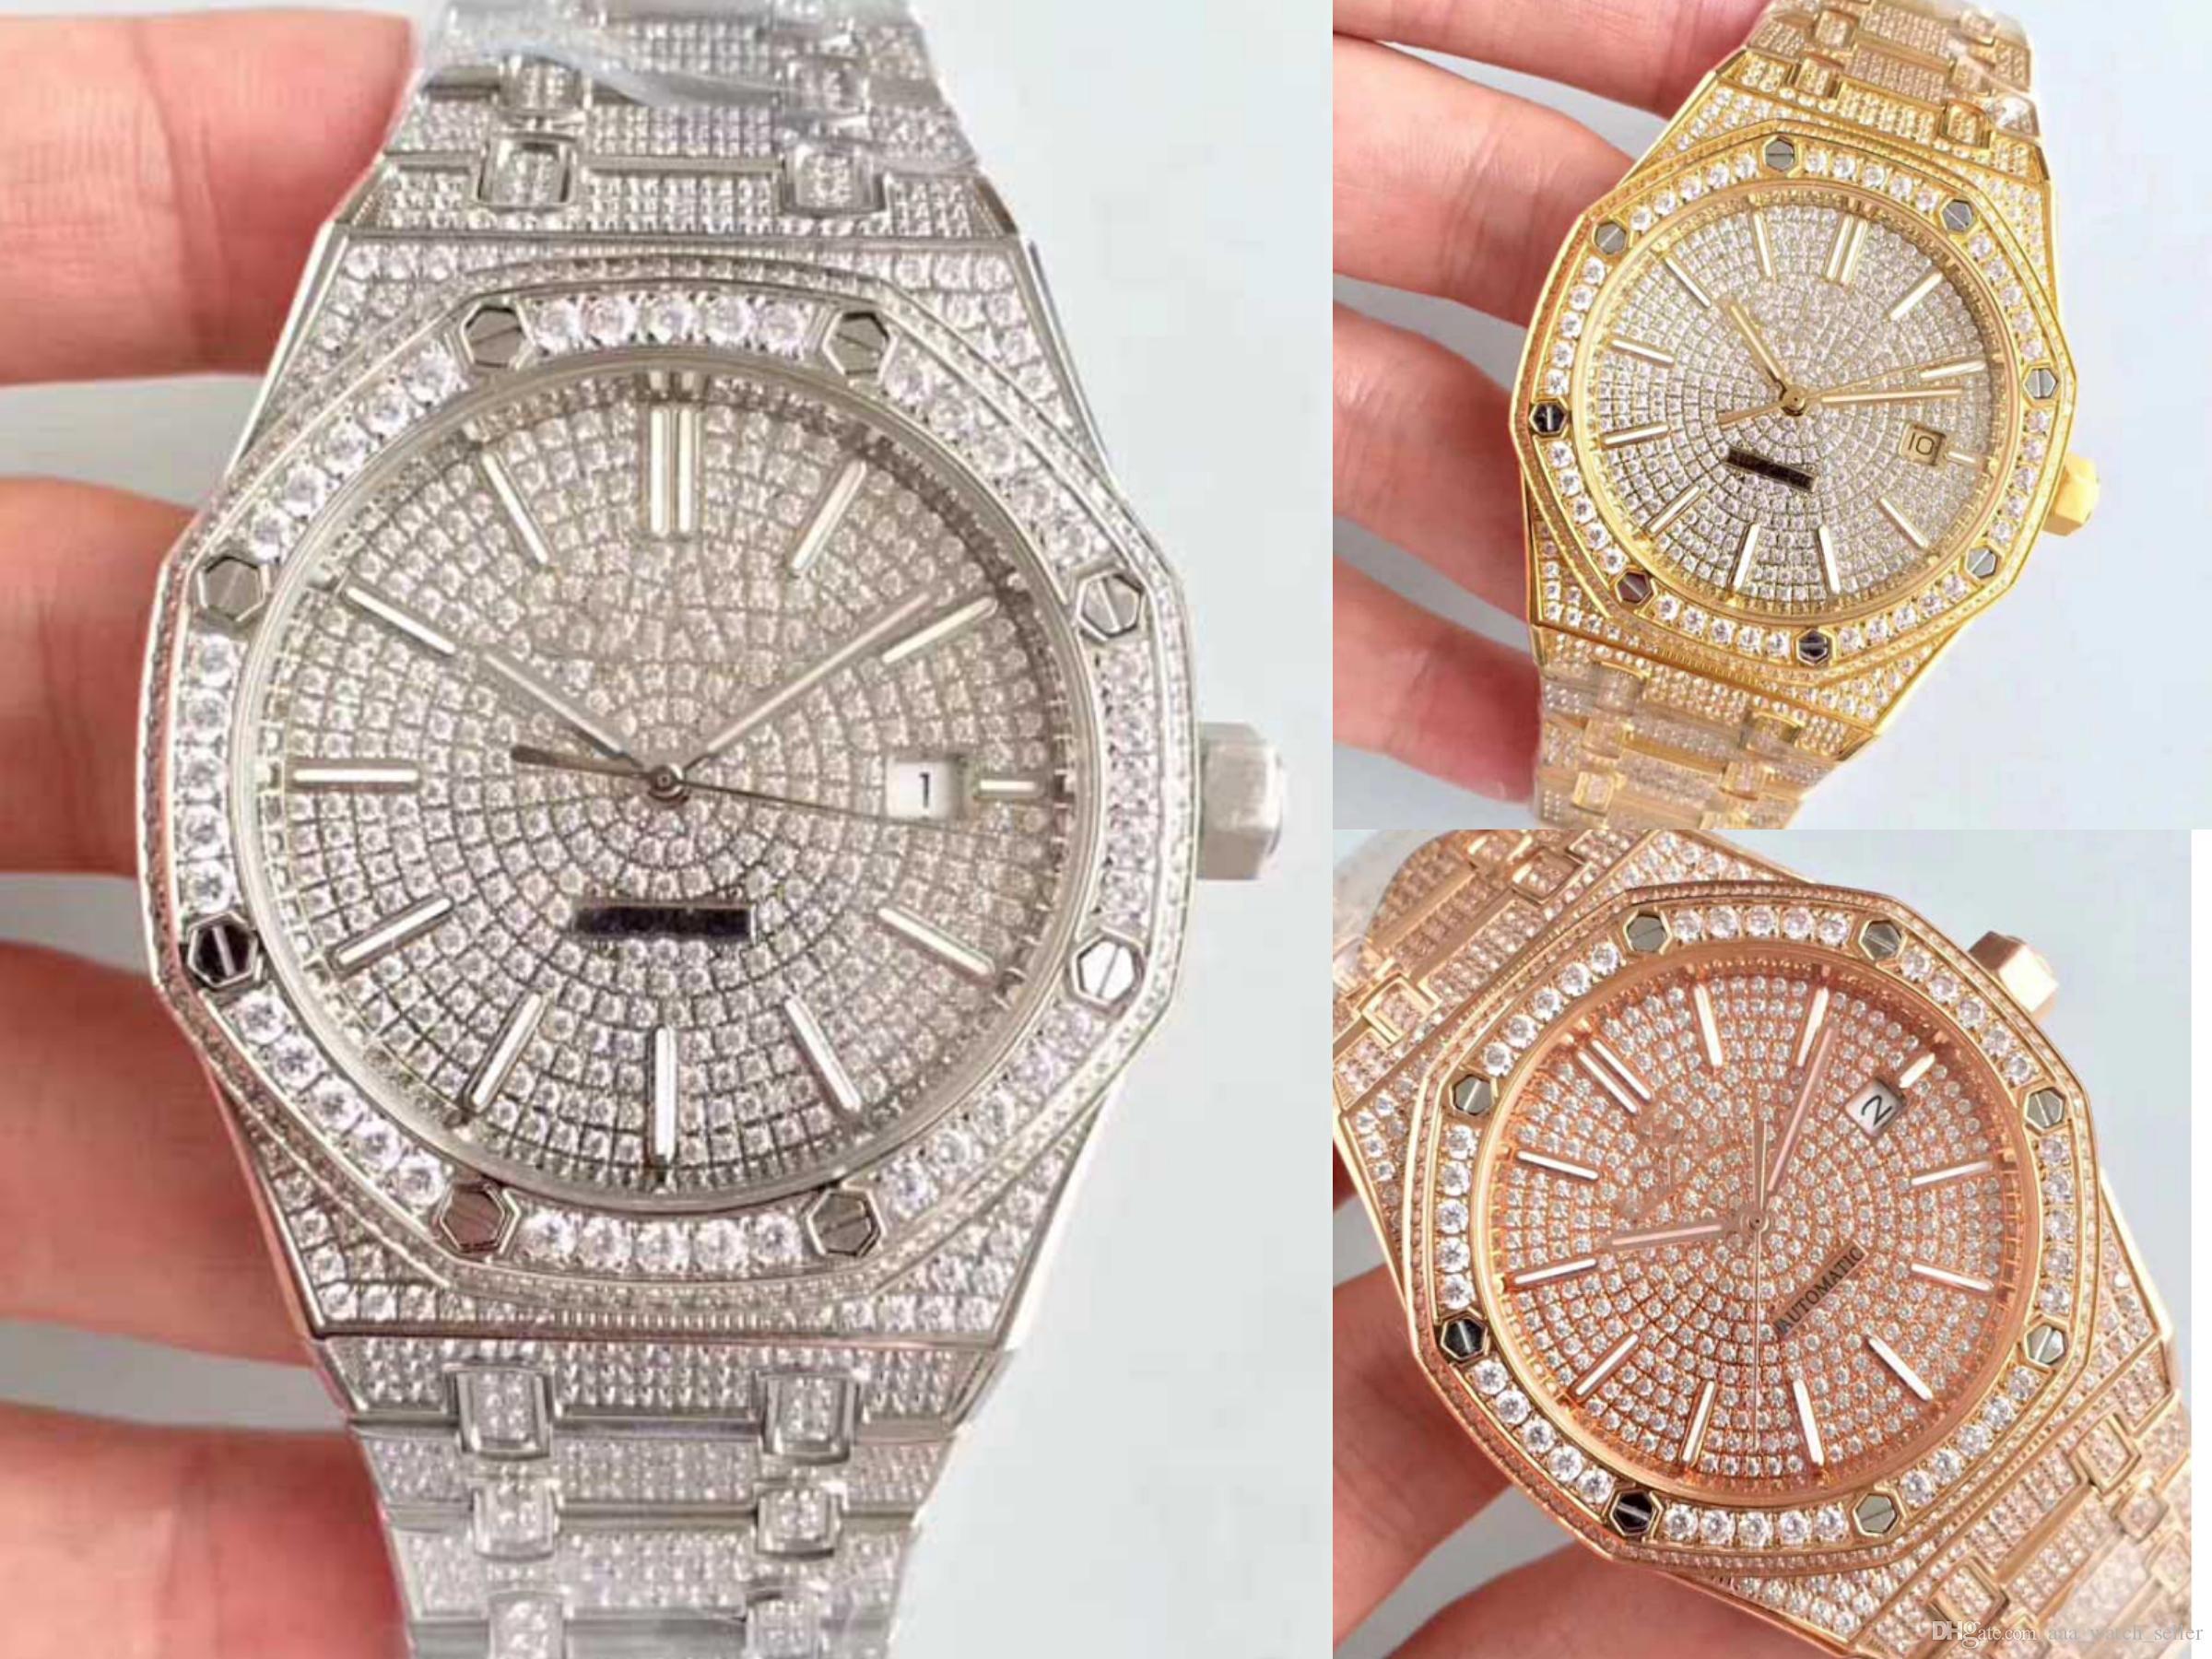 3 Стили Полный Алмазный Дизайнер часы Master Royal Oak 15500ST 15400 Gold автоматические часы мужские швейцарские часы Лучшие качества мужские наручные часы